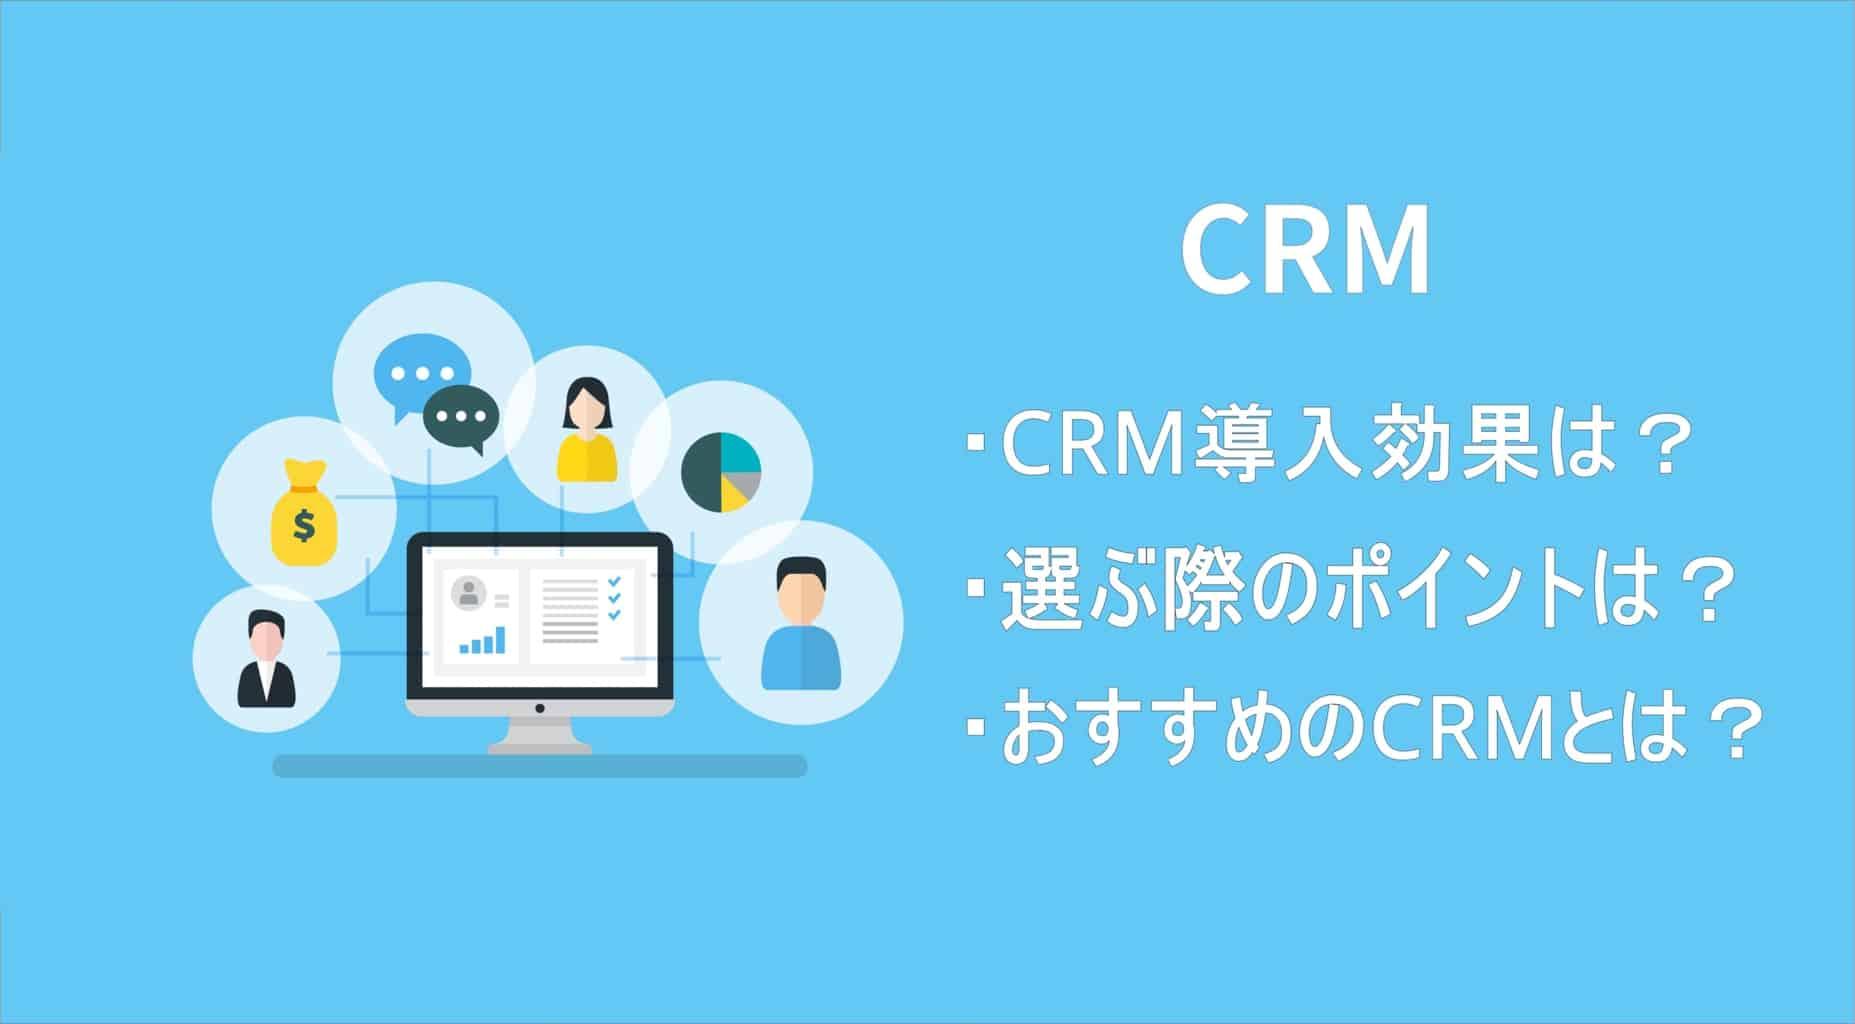 【2021年最新】おすすめなCRMランキングTop15!CRMを選ぶ際のポイントも紹介